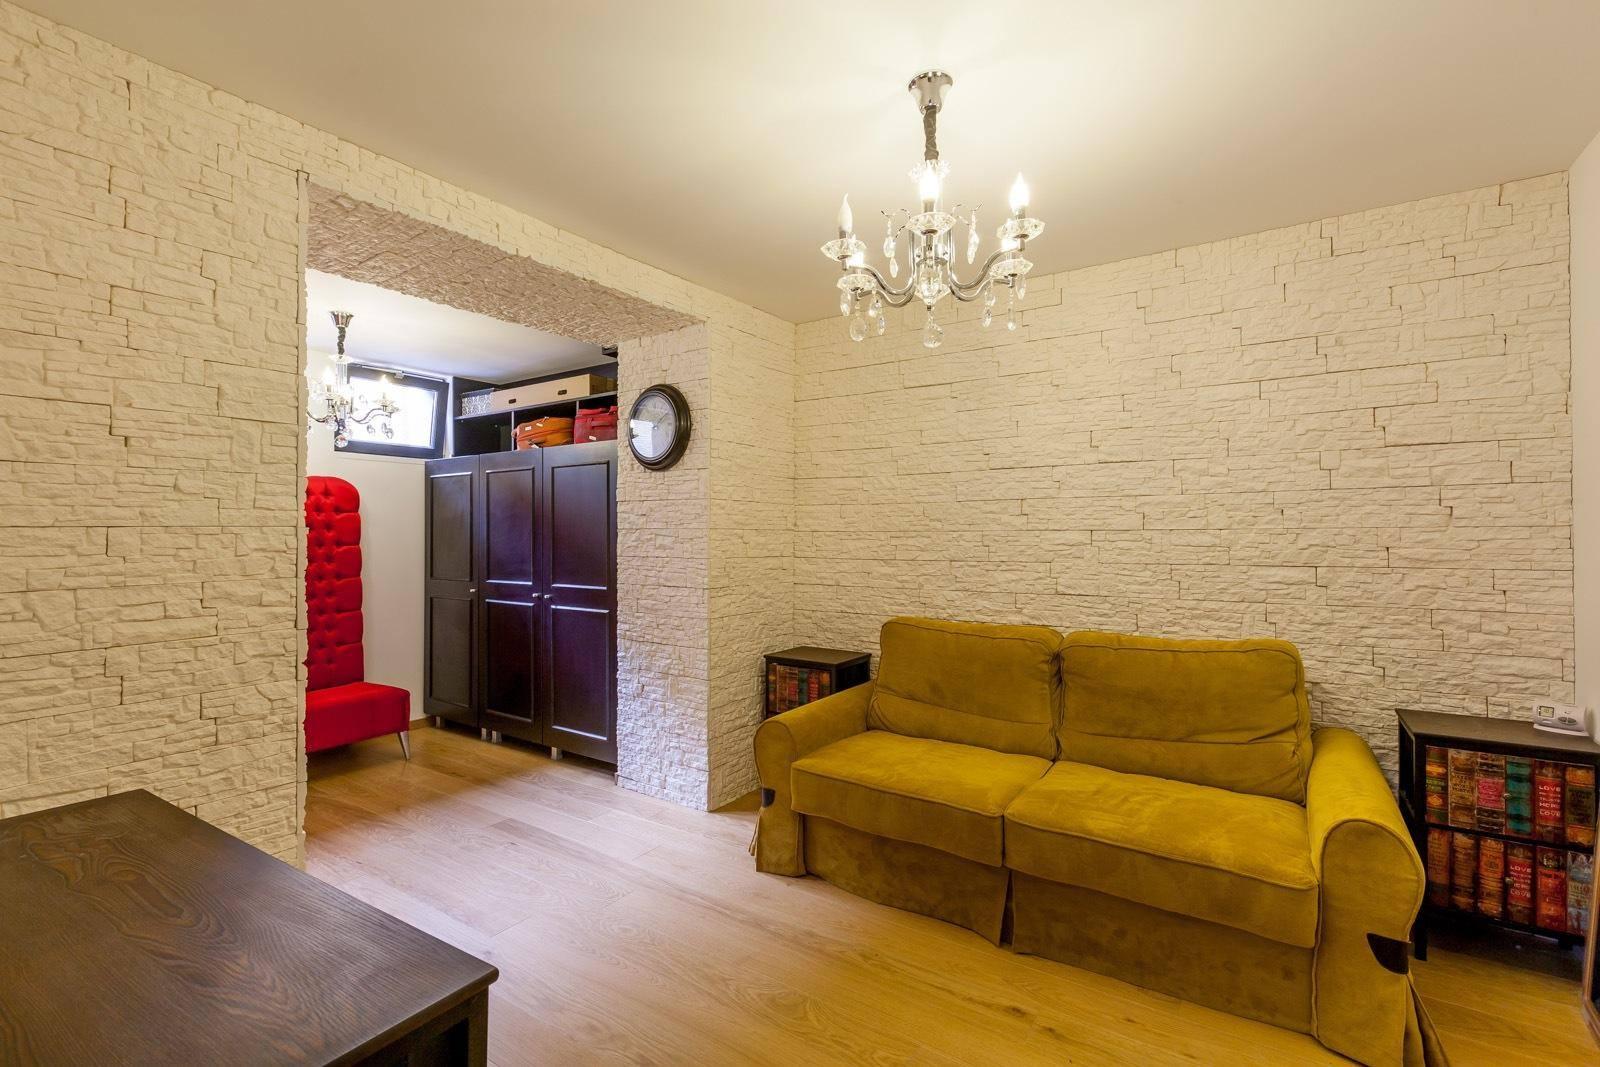 Camera din cadrul proiectului Dorobanti Villa realizat de Lemon Design